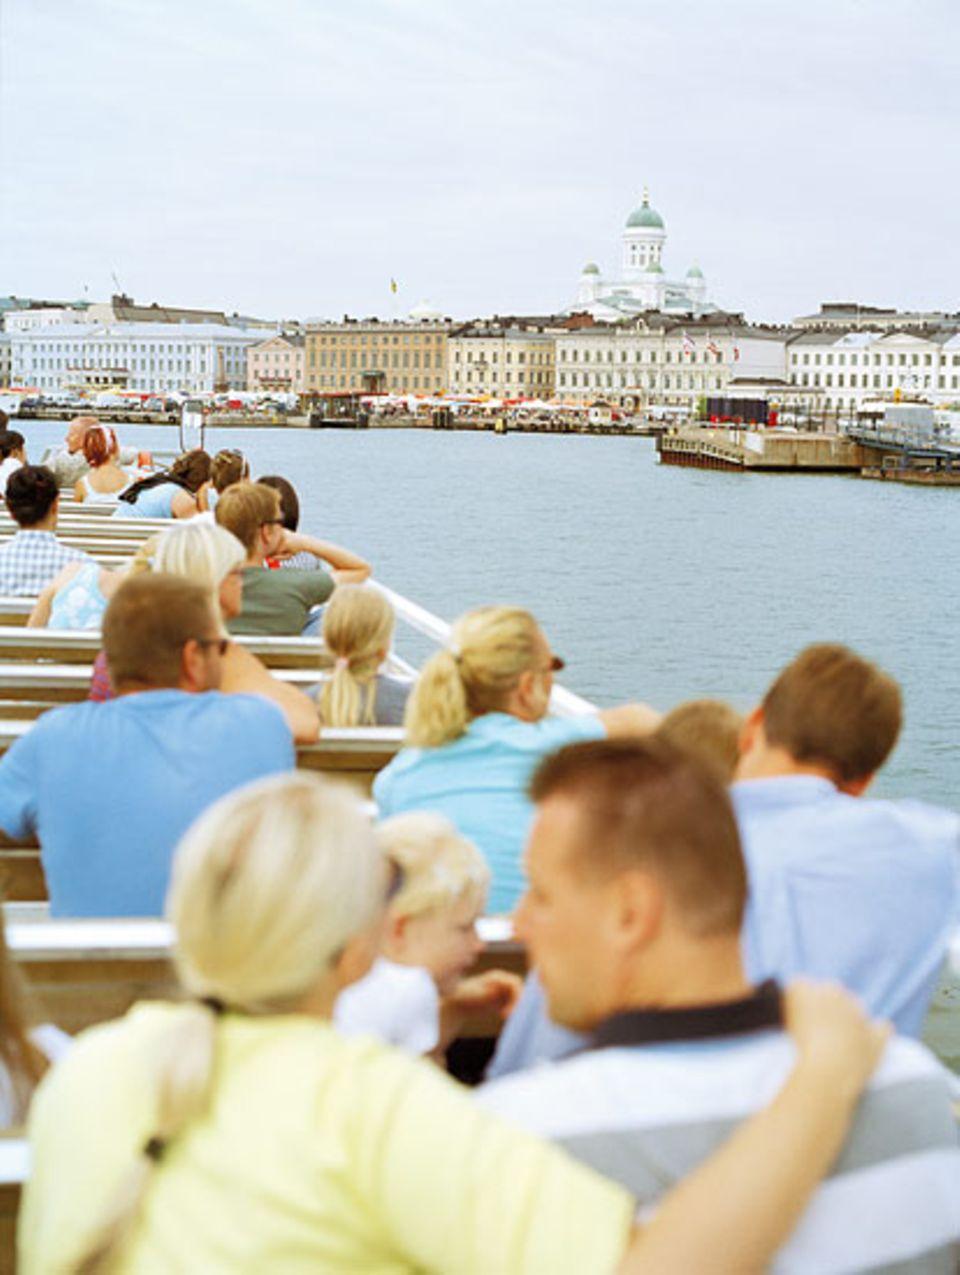 Wasserstraßen: Kanäle und Buchten durchziehen die Stadt; die Passagiere des Ausflugsboots blicken auf den Dom und den Kauppatori mit seinen klassizistischen Bauten